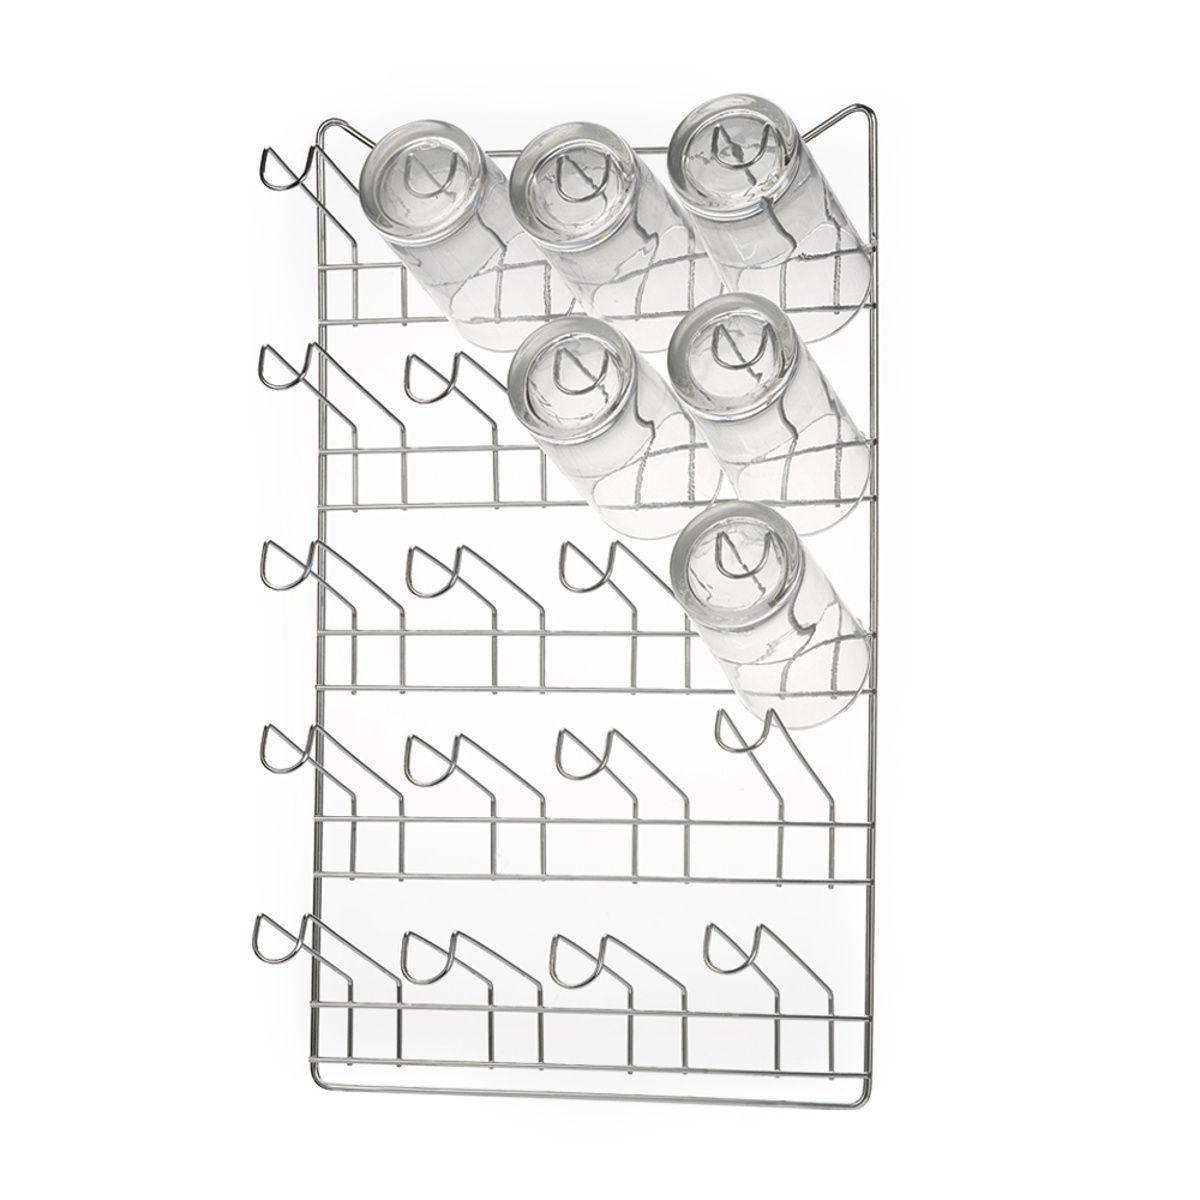 Escorredor Porta Copos de Parede p/ Até 20 Copos - Arthi